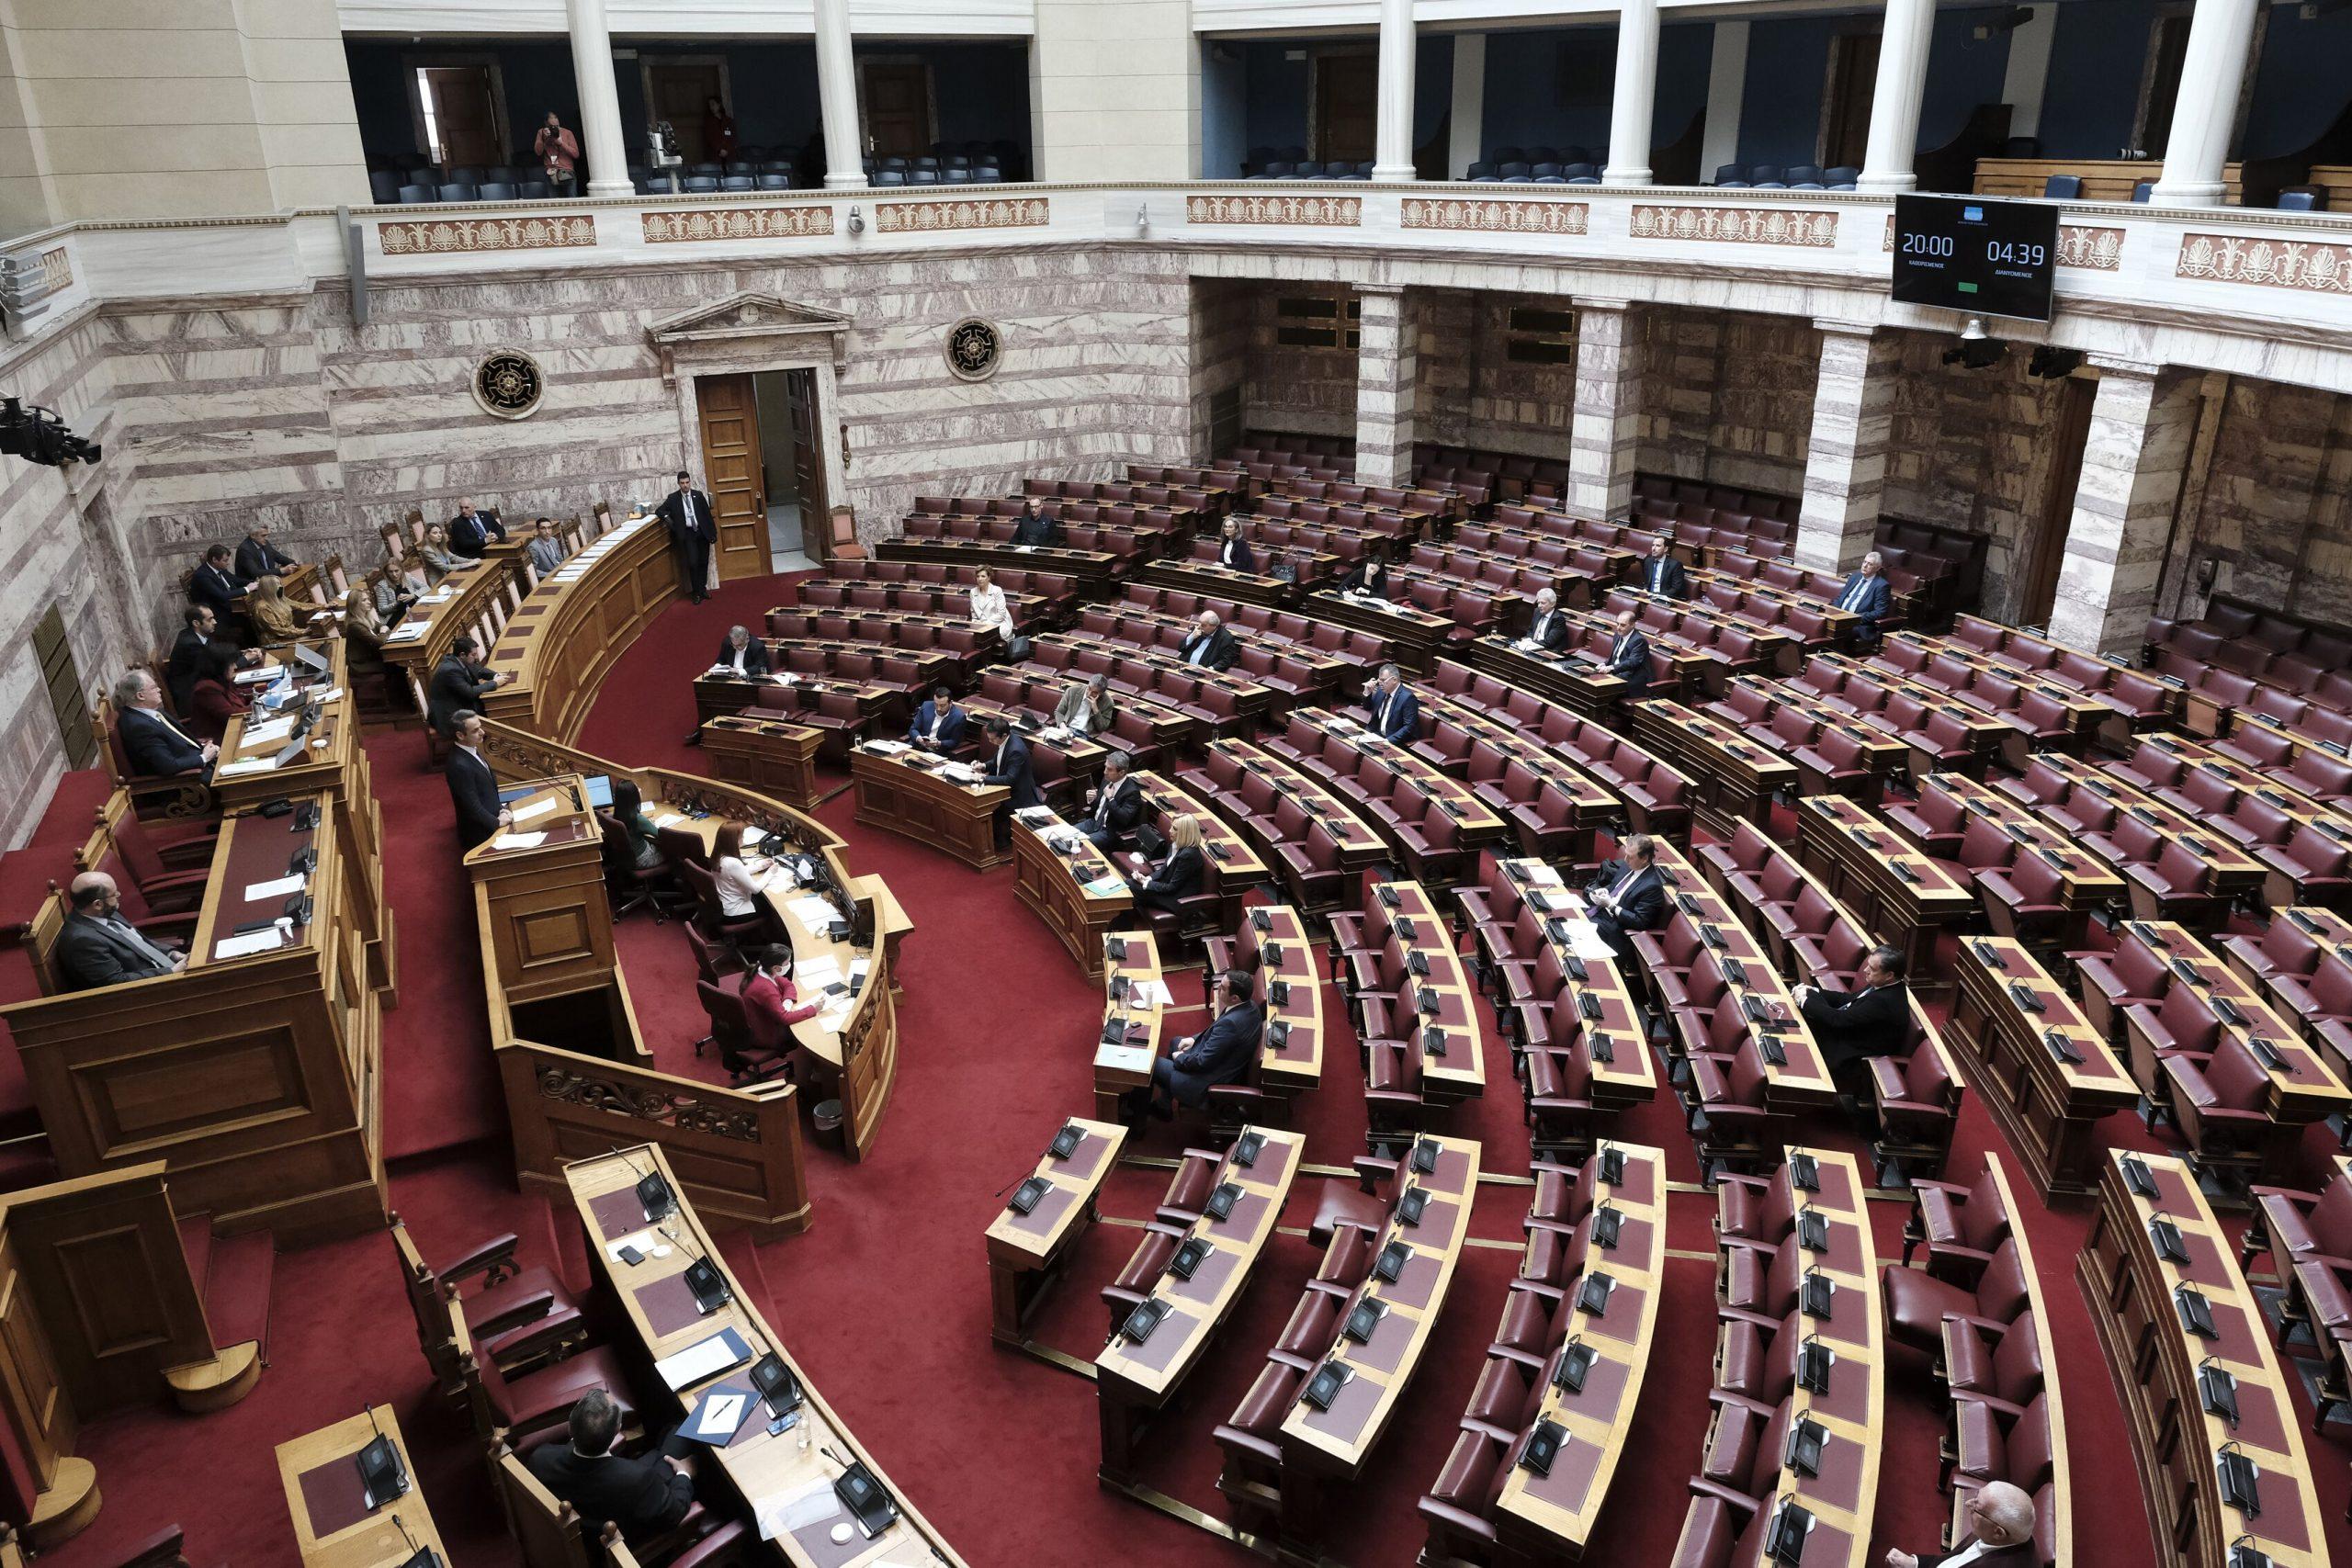 Κυρώθηκε η συμφωνία με την Αίγυπτο για την ΑΟΖ – Υπερψήφισαν 178 βουλευτές